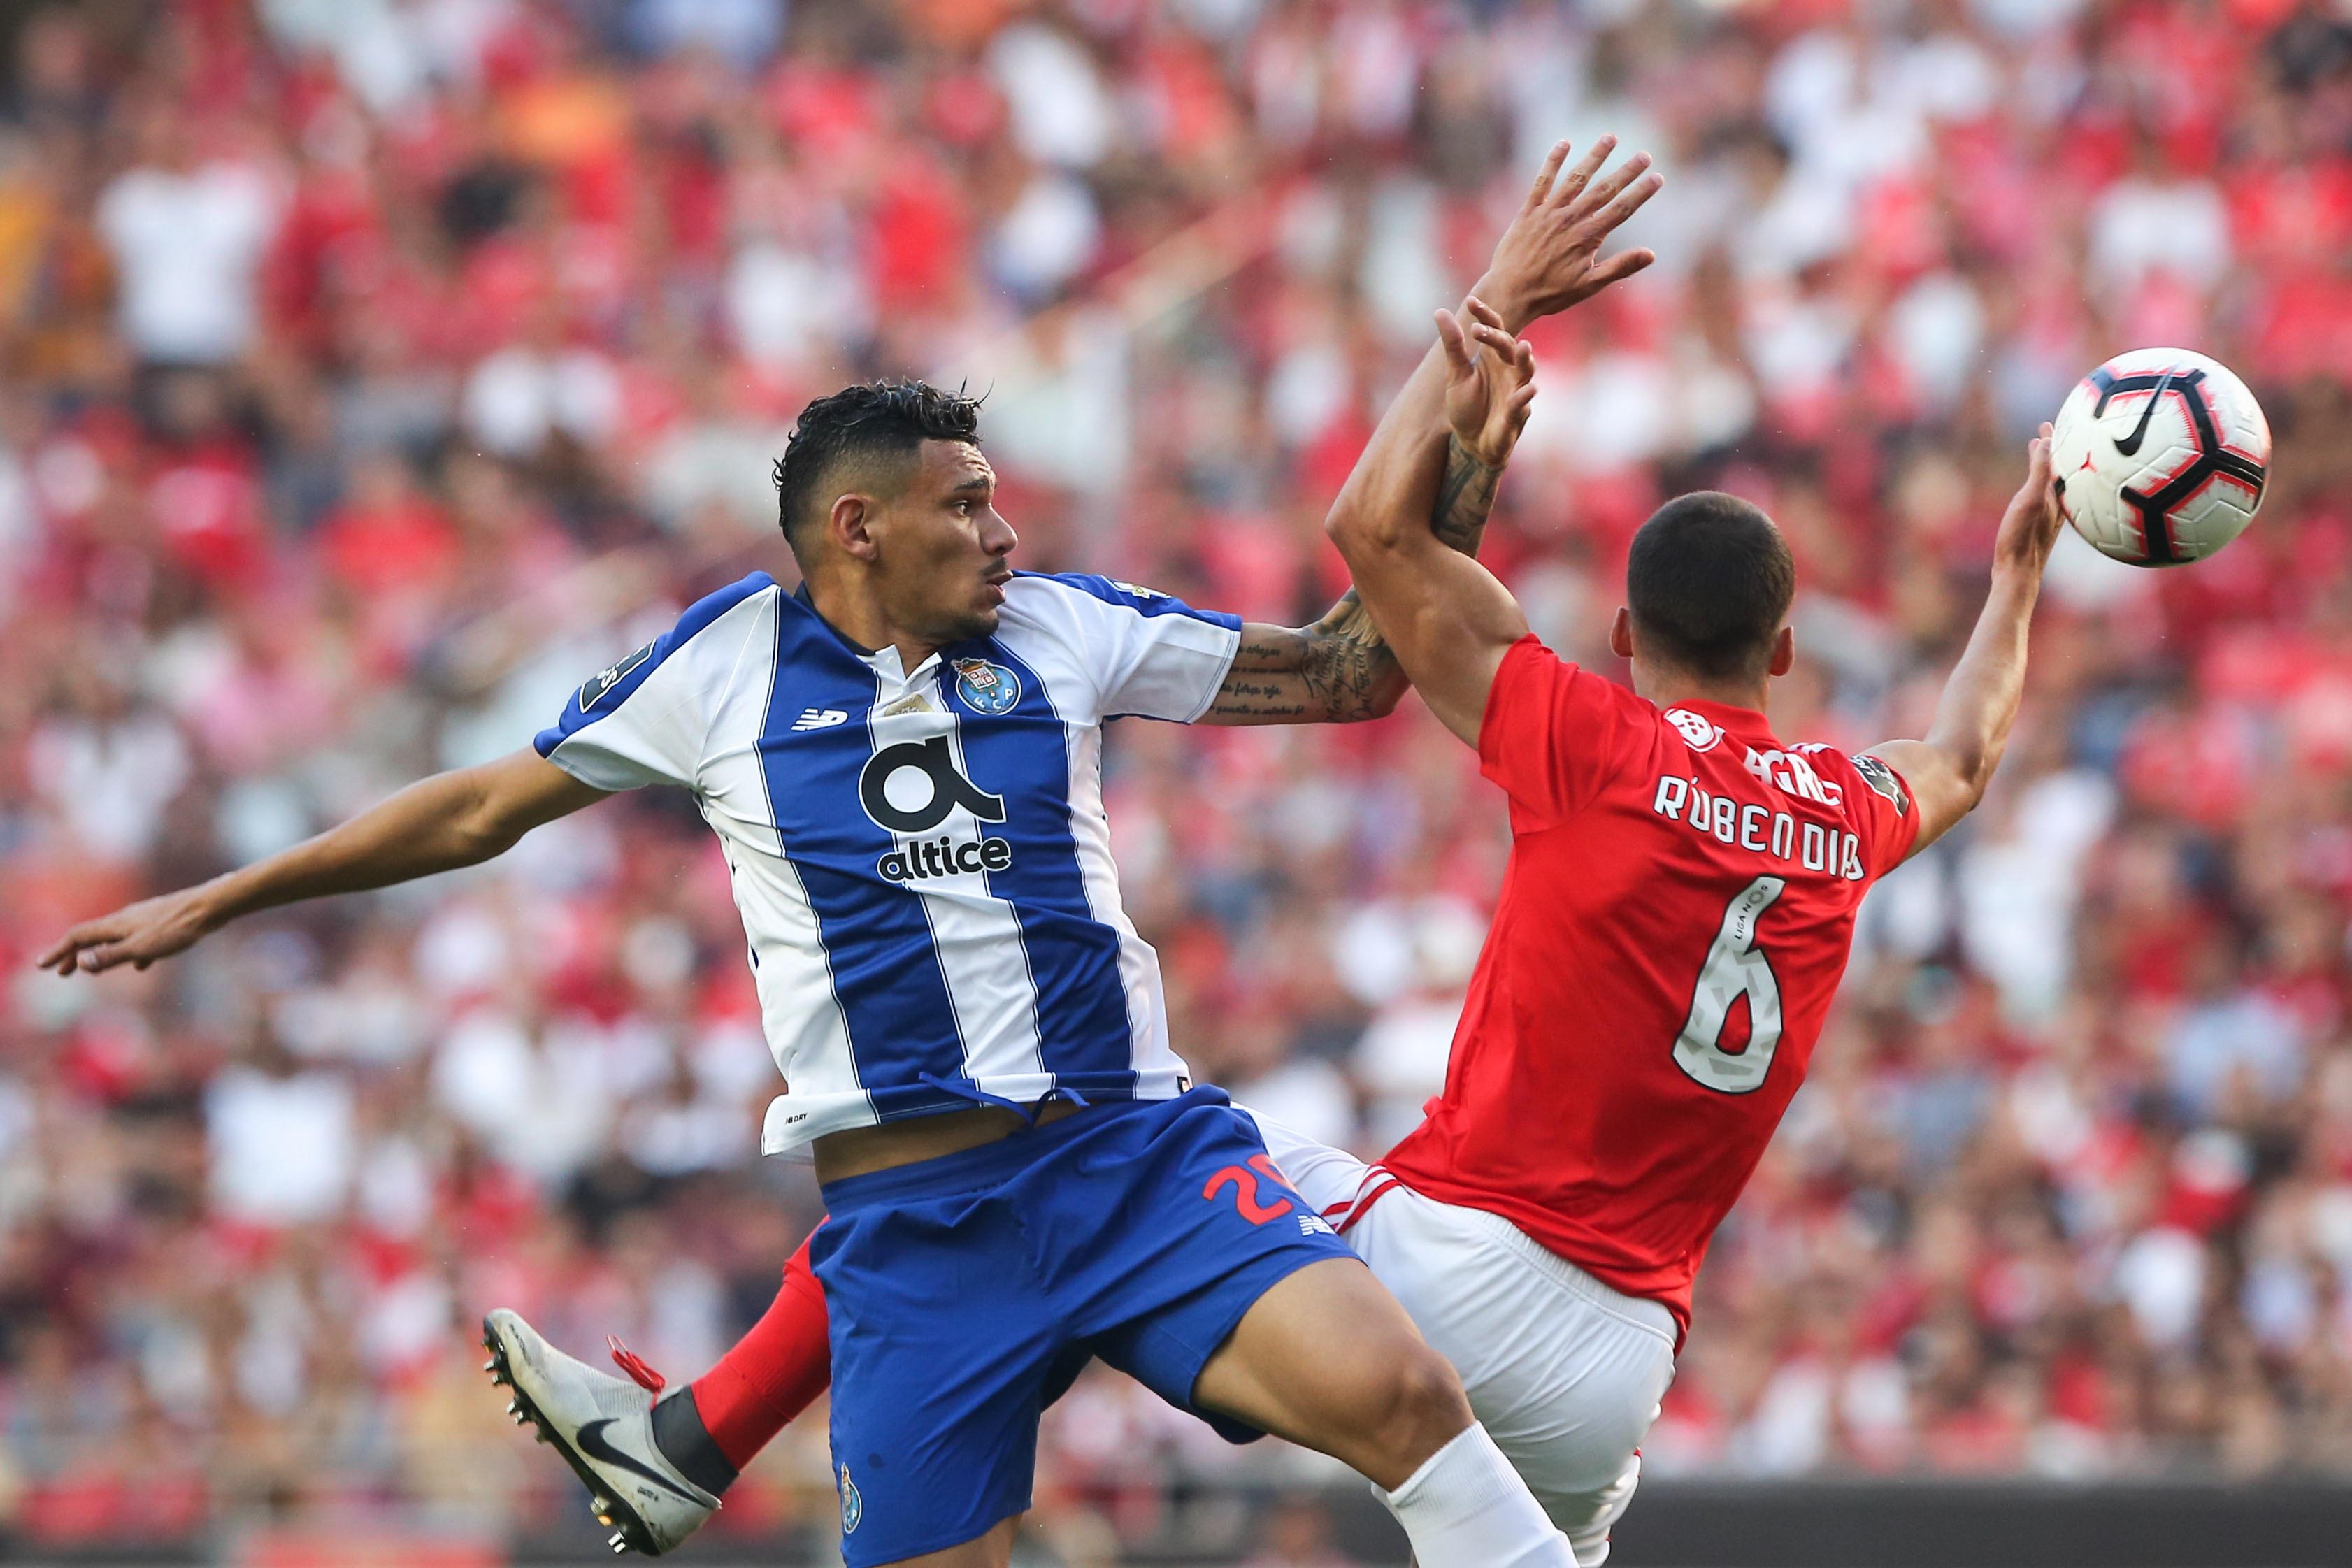 """Domingos Paciência: """"O Benfica está melhor mas este clássico pode ser um bom começo para o FC Porto"""""""